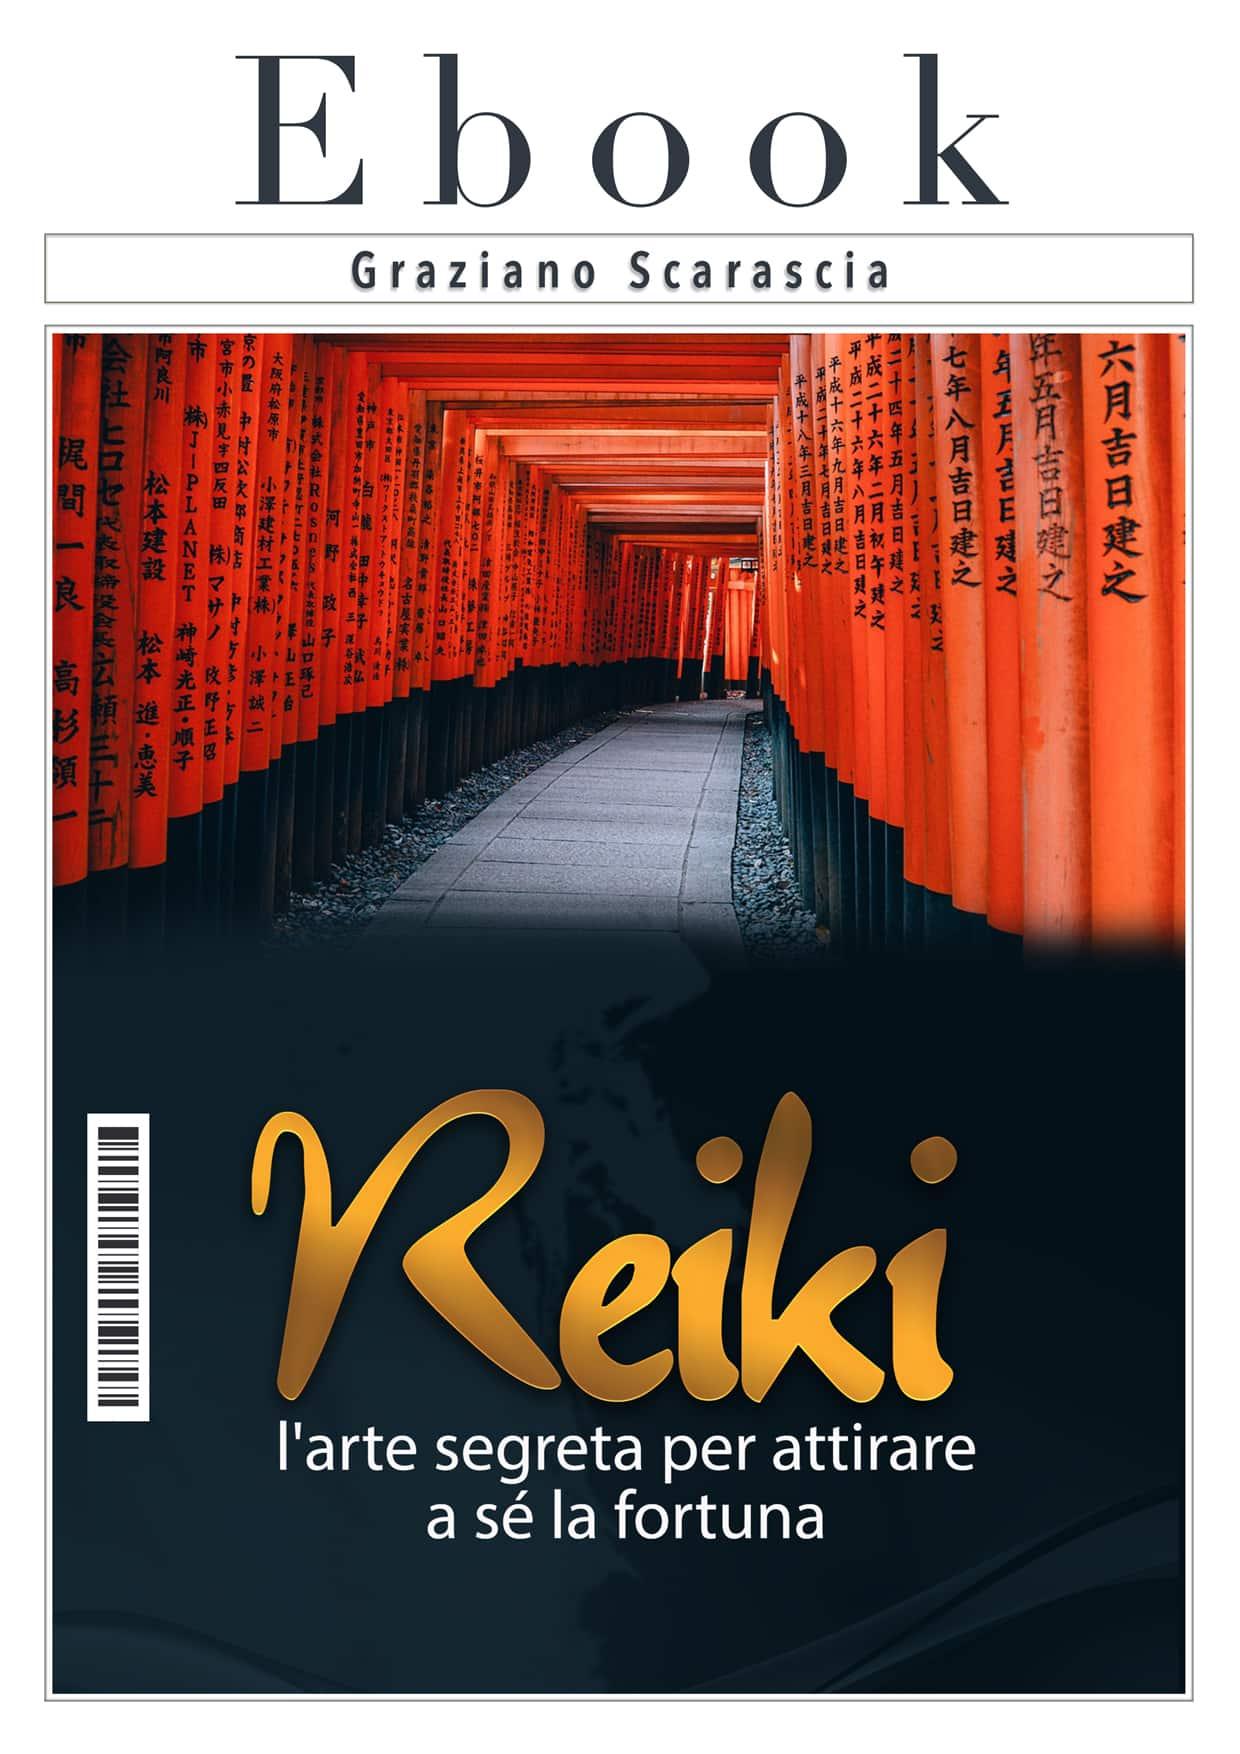 Ebook reiki l'arte di attirare a sé la fortuna